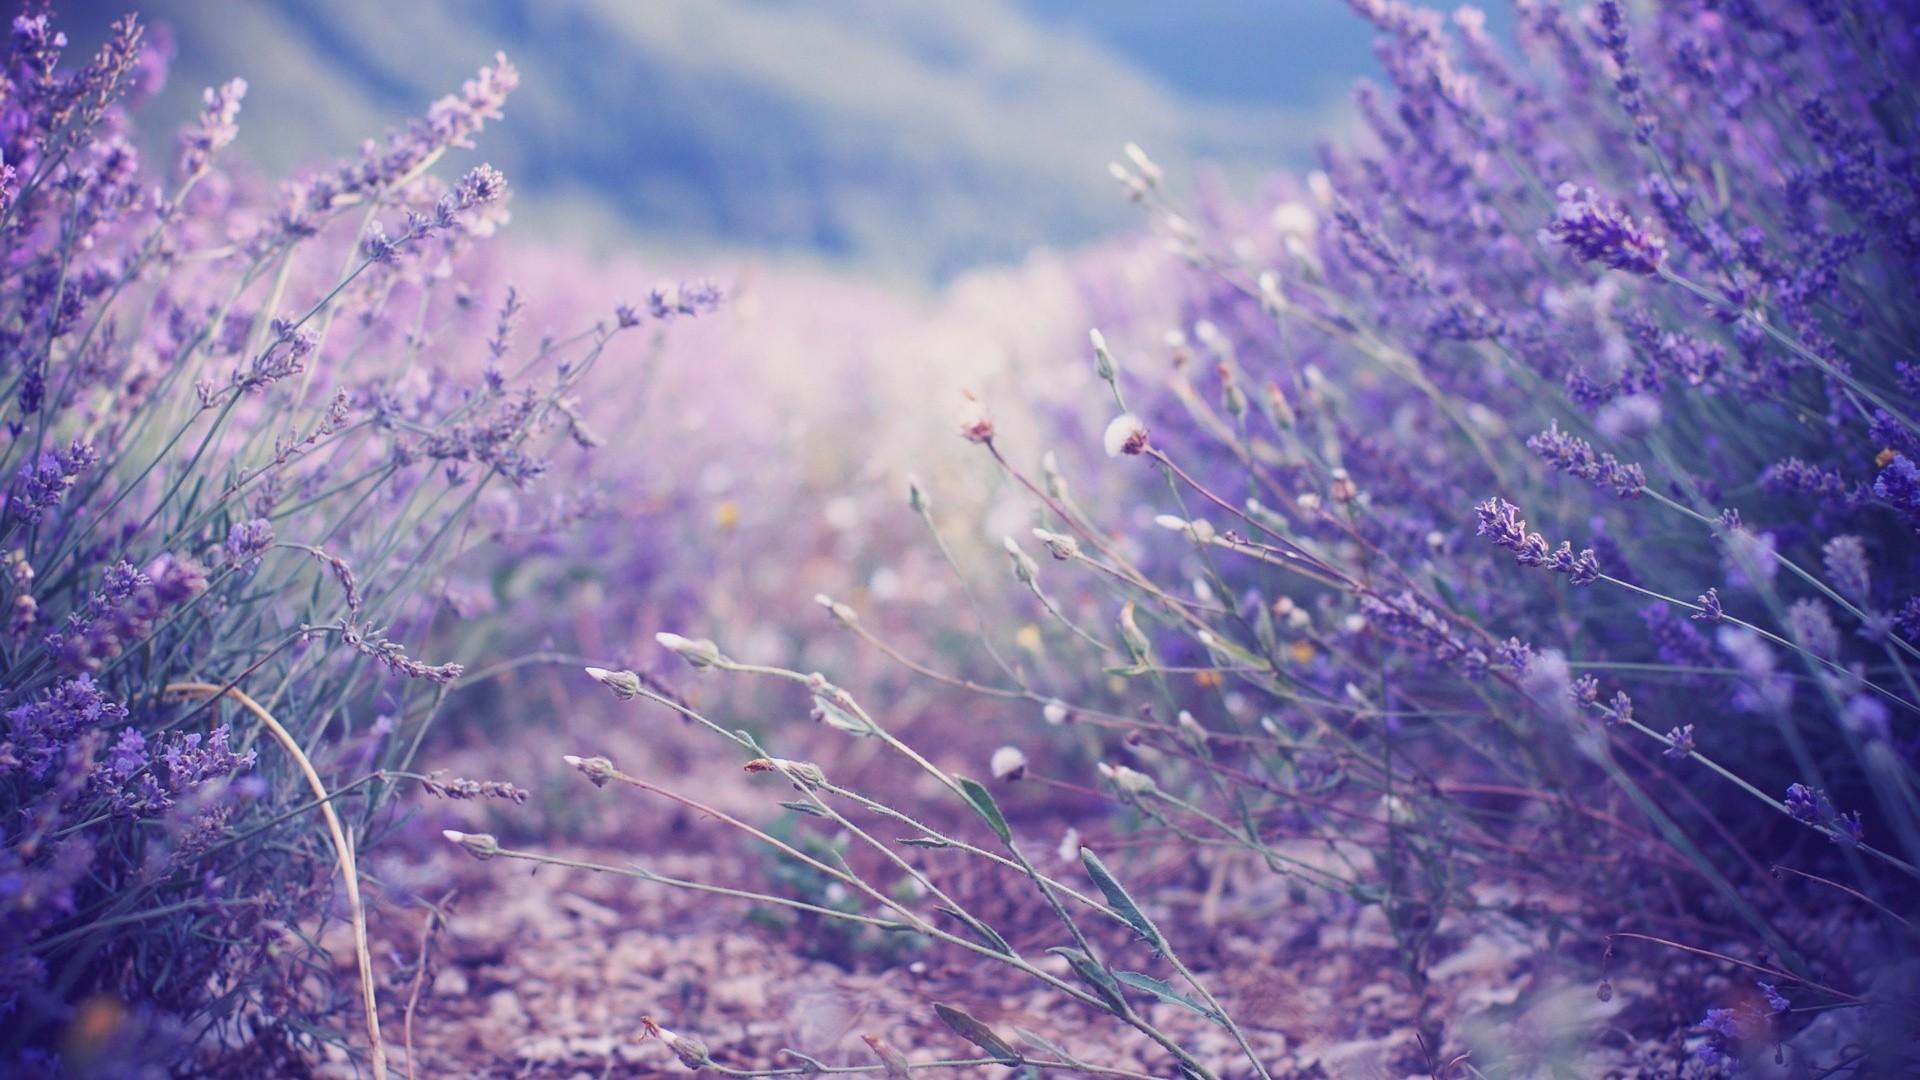 Lavender Background Wallpaper